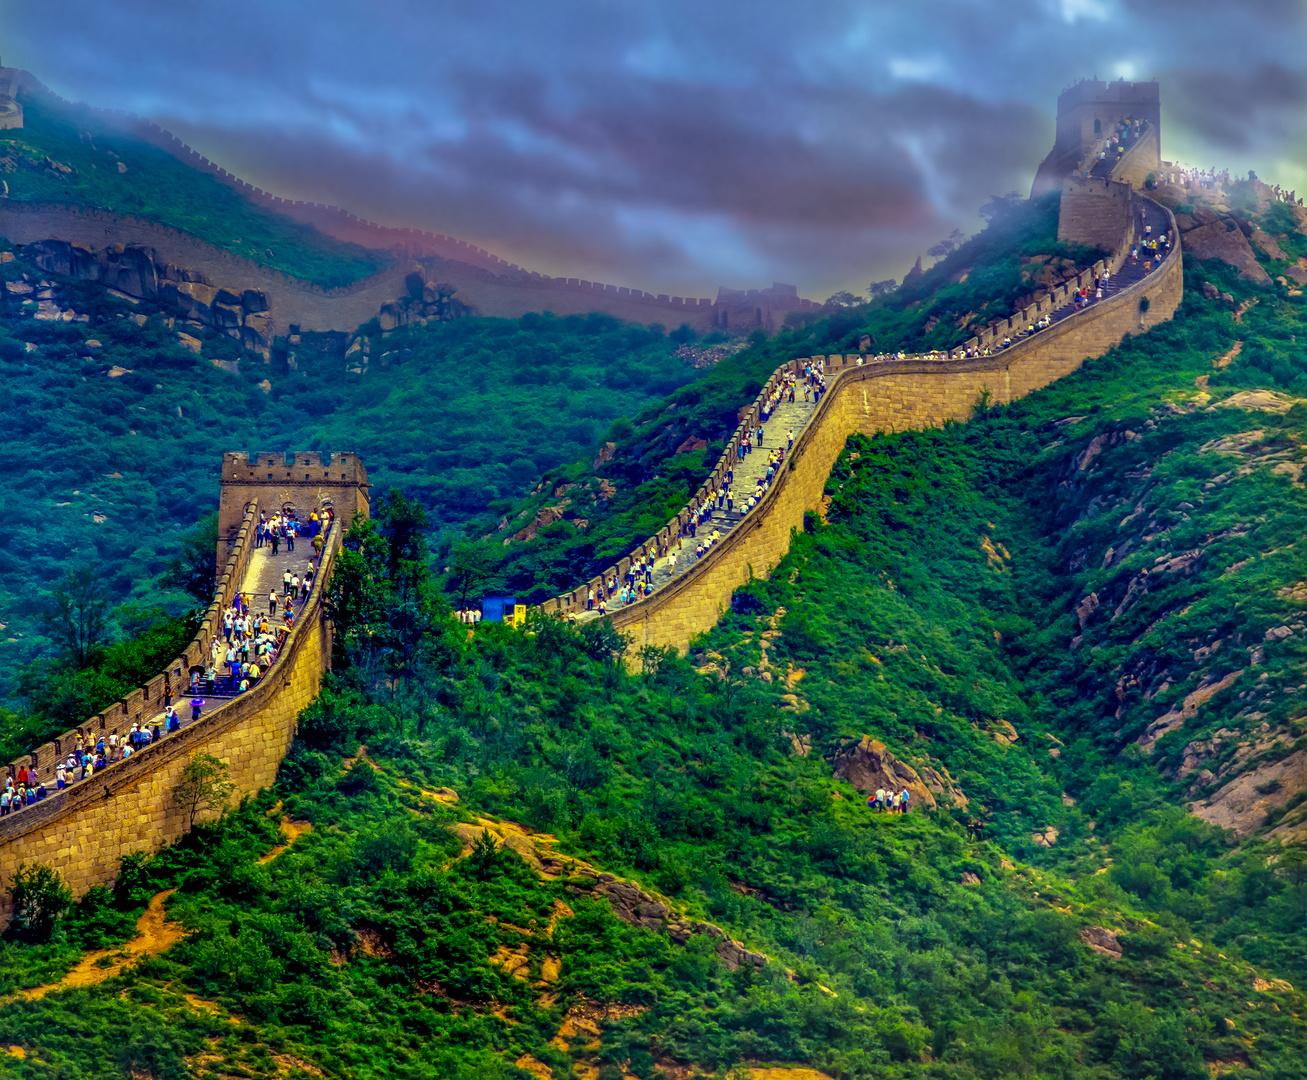 Chinesische Mauer Düsseldorf